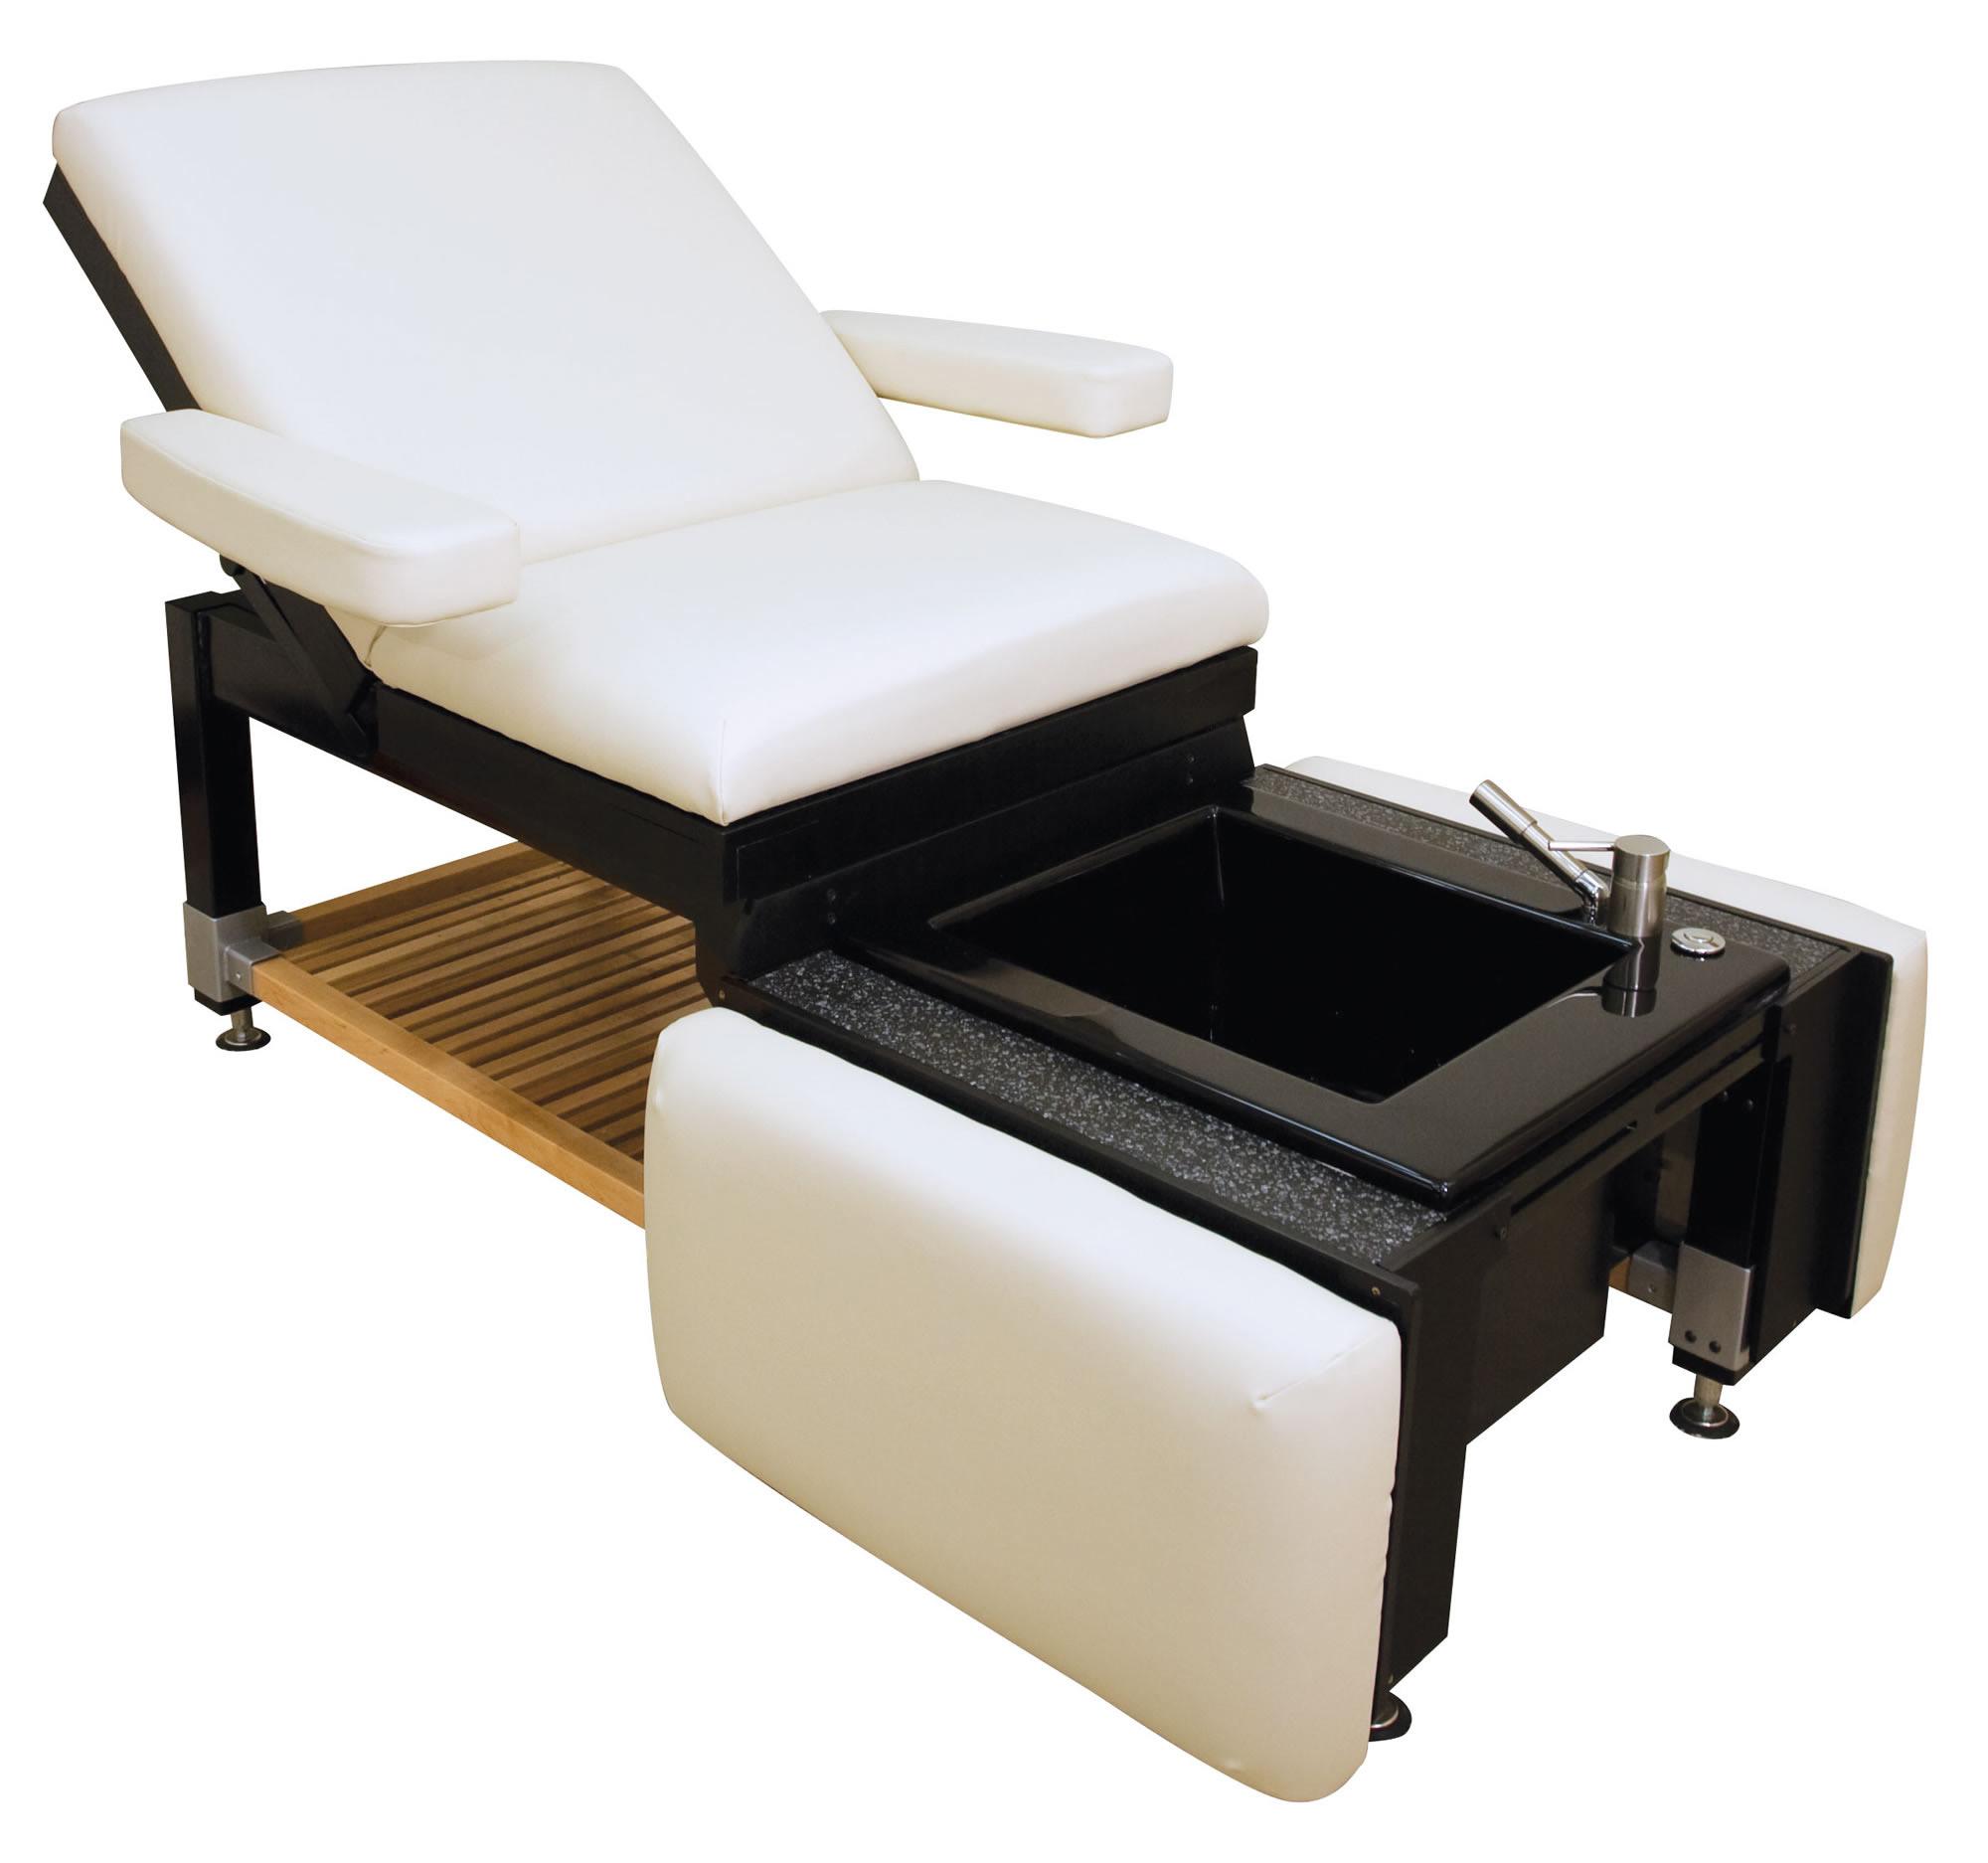 Hydraulic Spa Tables | Hydraulic Lift Table | Pedispa ...